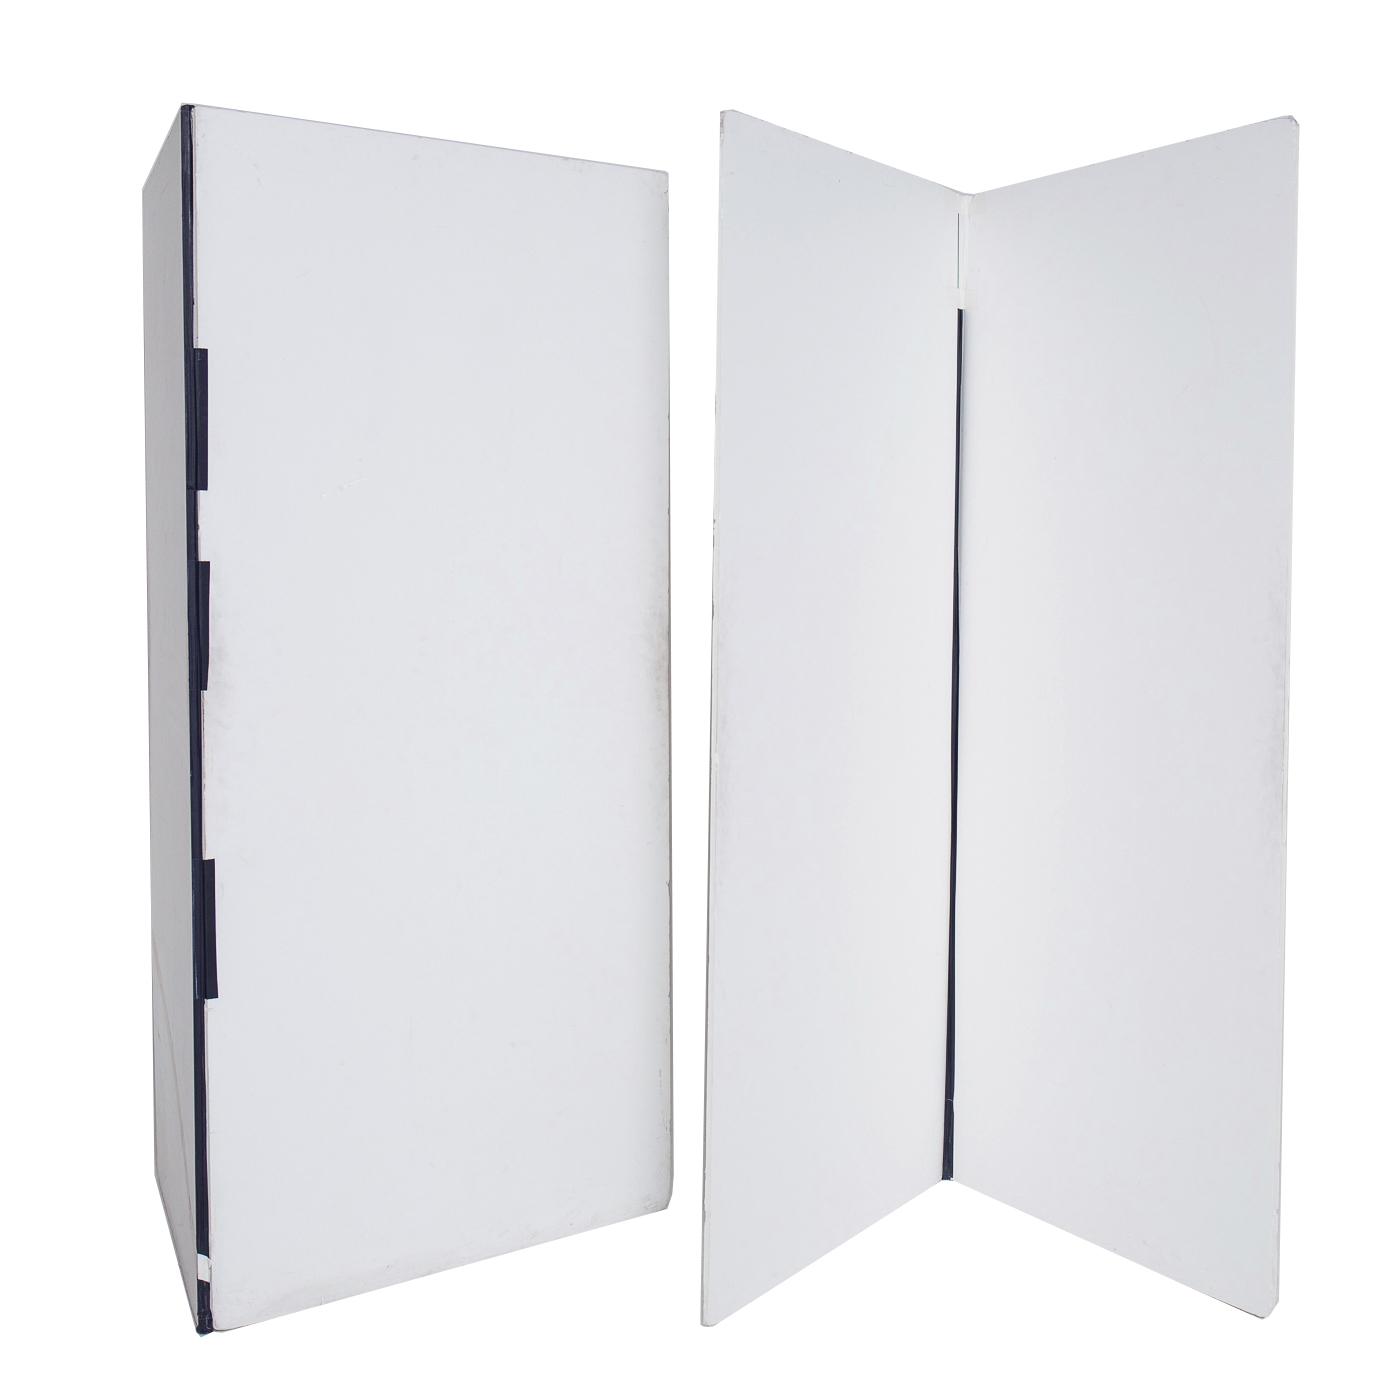 8'x8' White V Cards